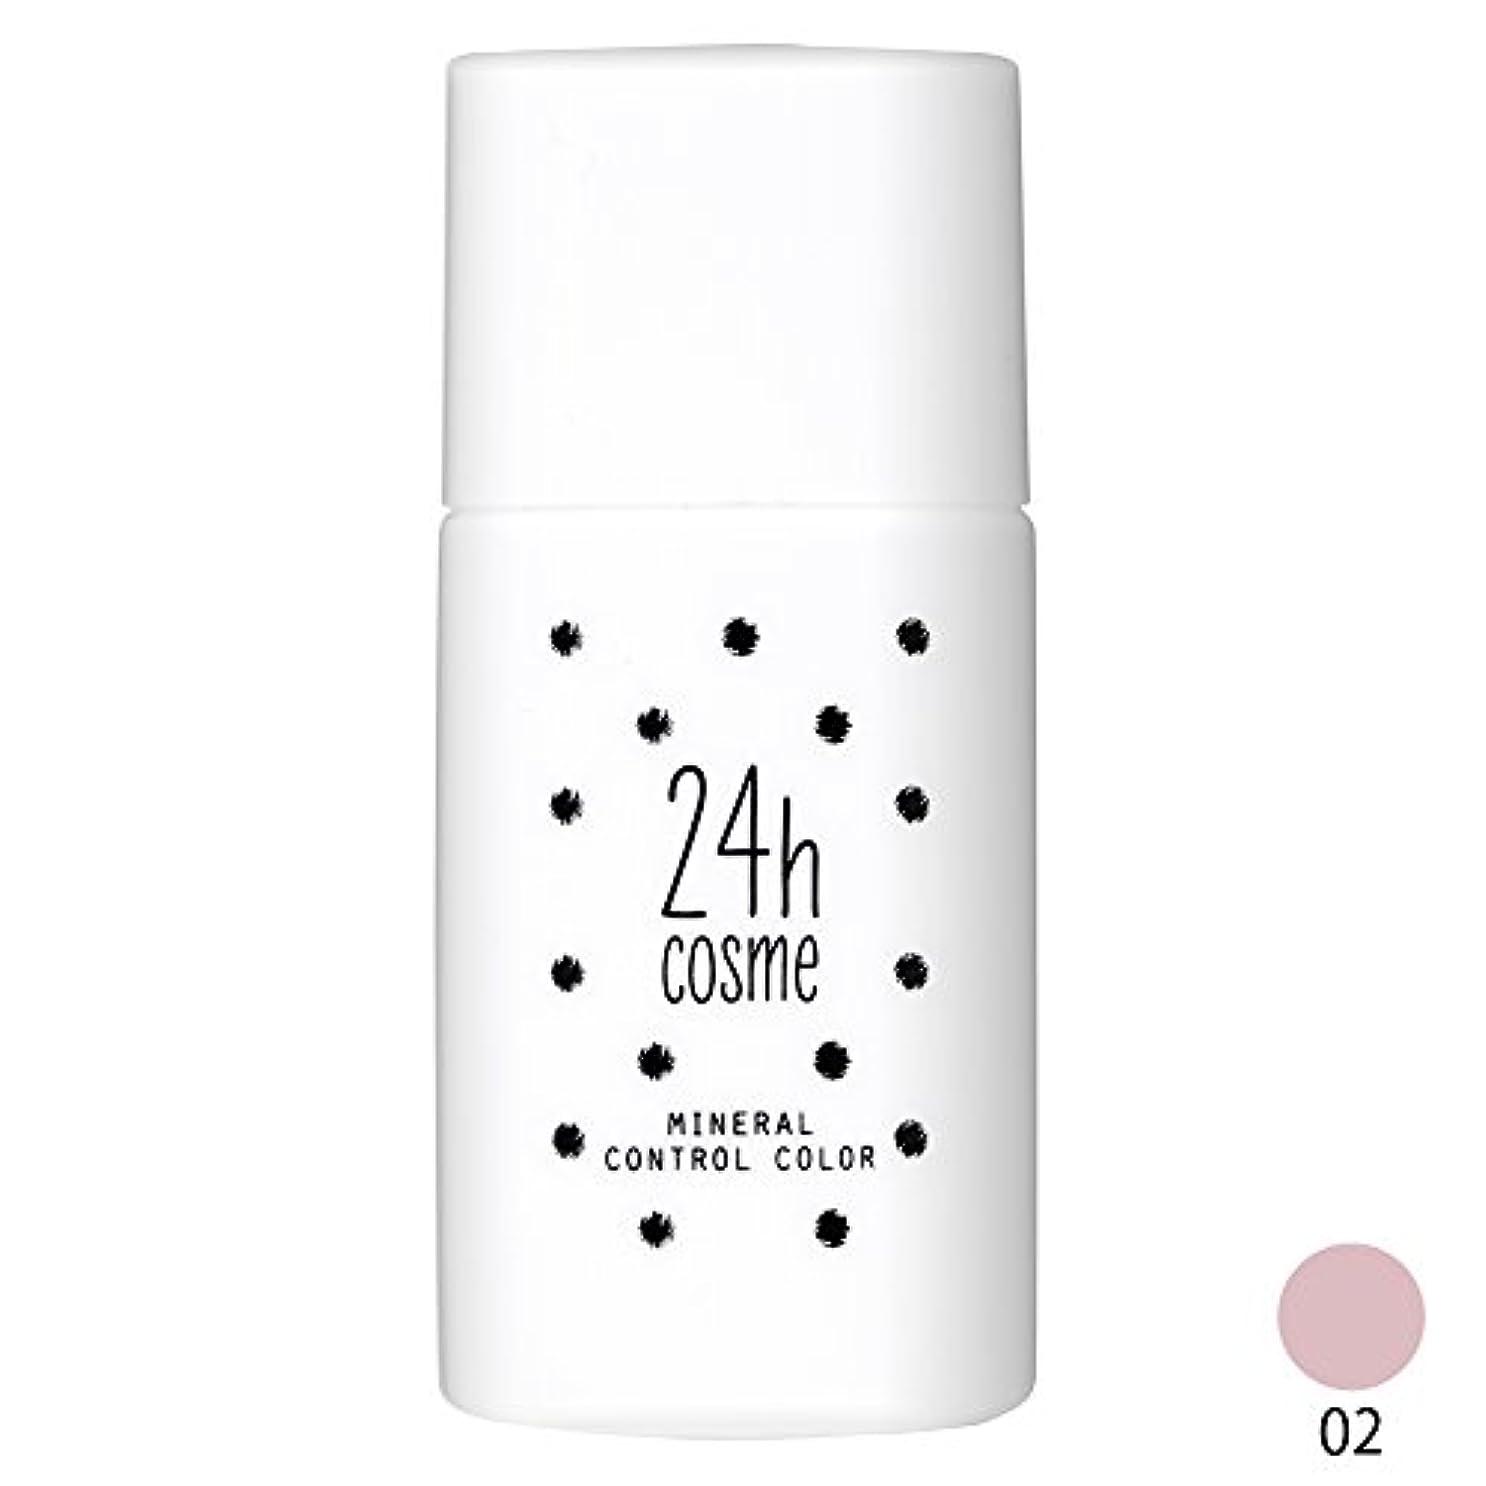 カバレッジ地味な確率24h cosme 24 コントロールベースカラー 02クリアバイオレット 肌に優しい化粧下地 20ml